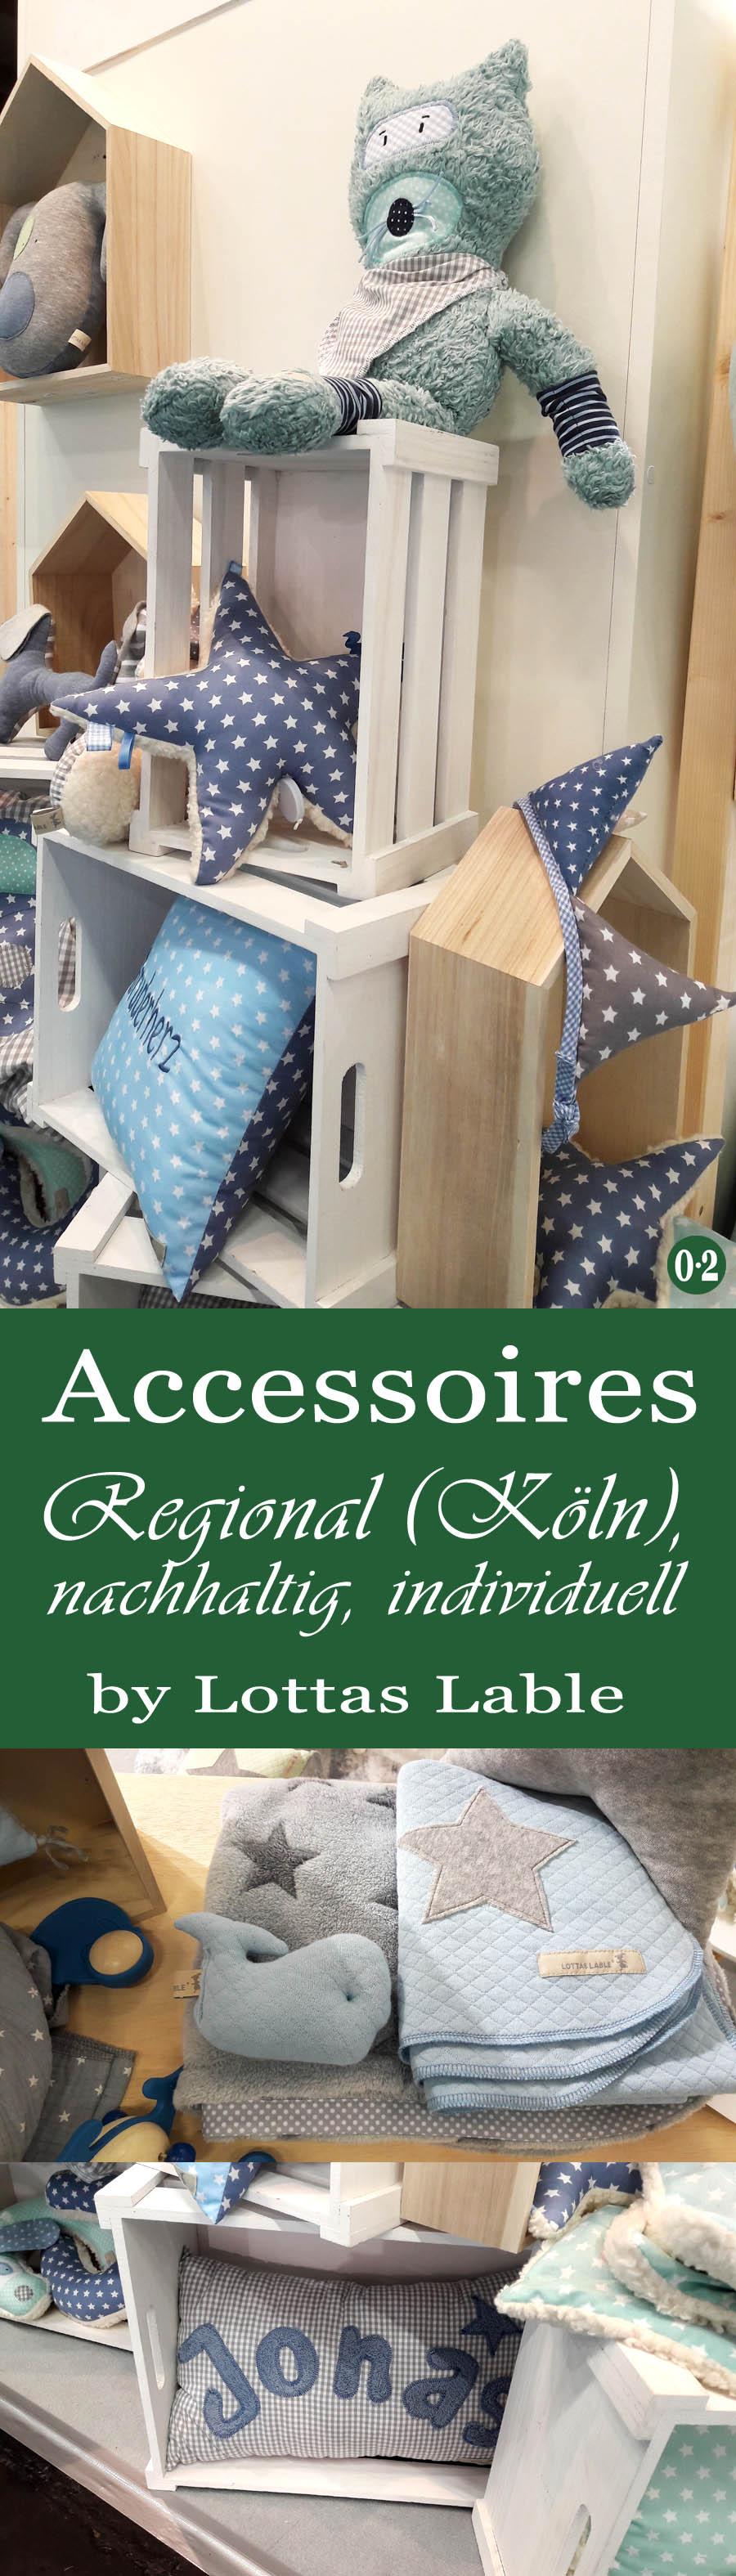 Kinderzimmertrends 2018: Regional, nachhaltig und individuell produzierte Accessoires & Spielzeug | www.nullpunktzwo.de